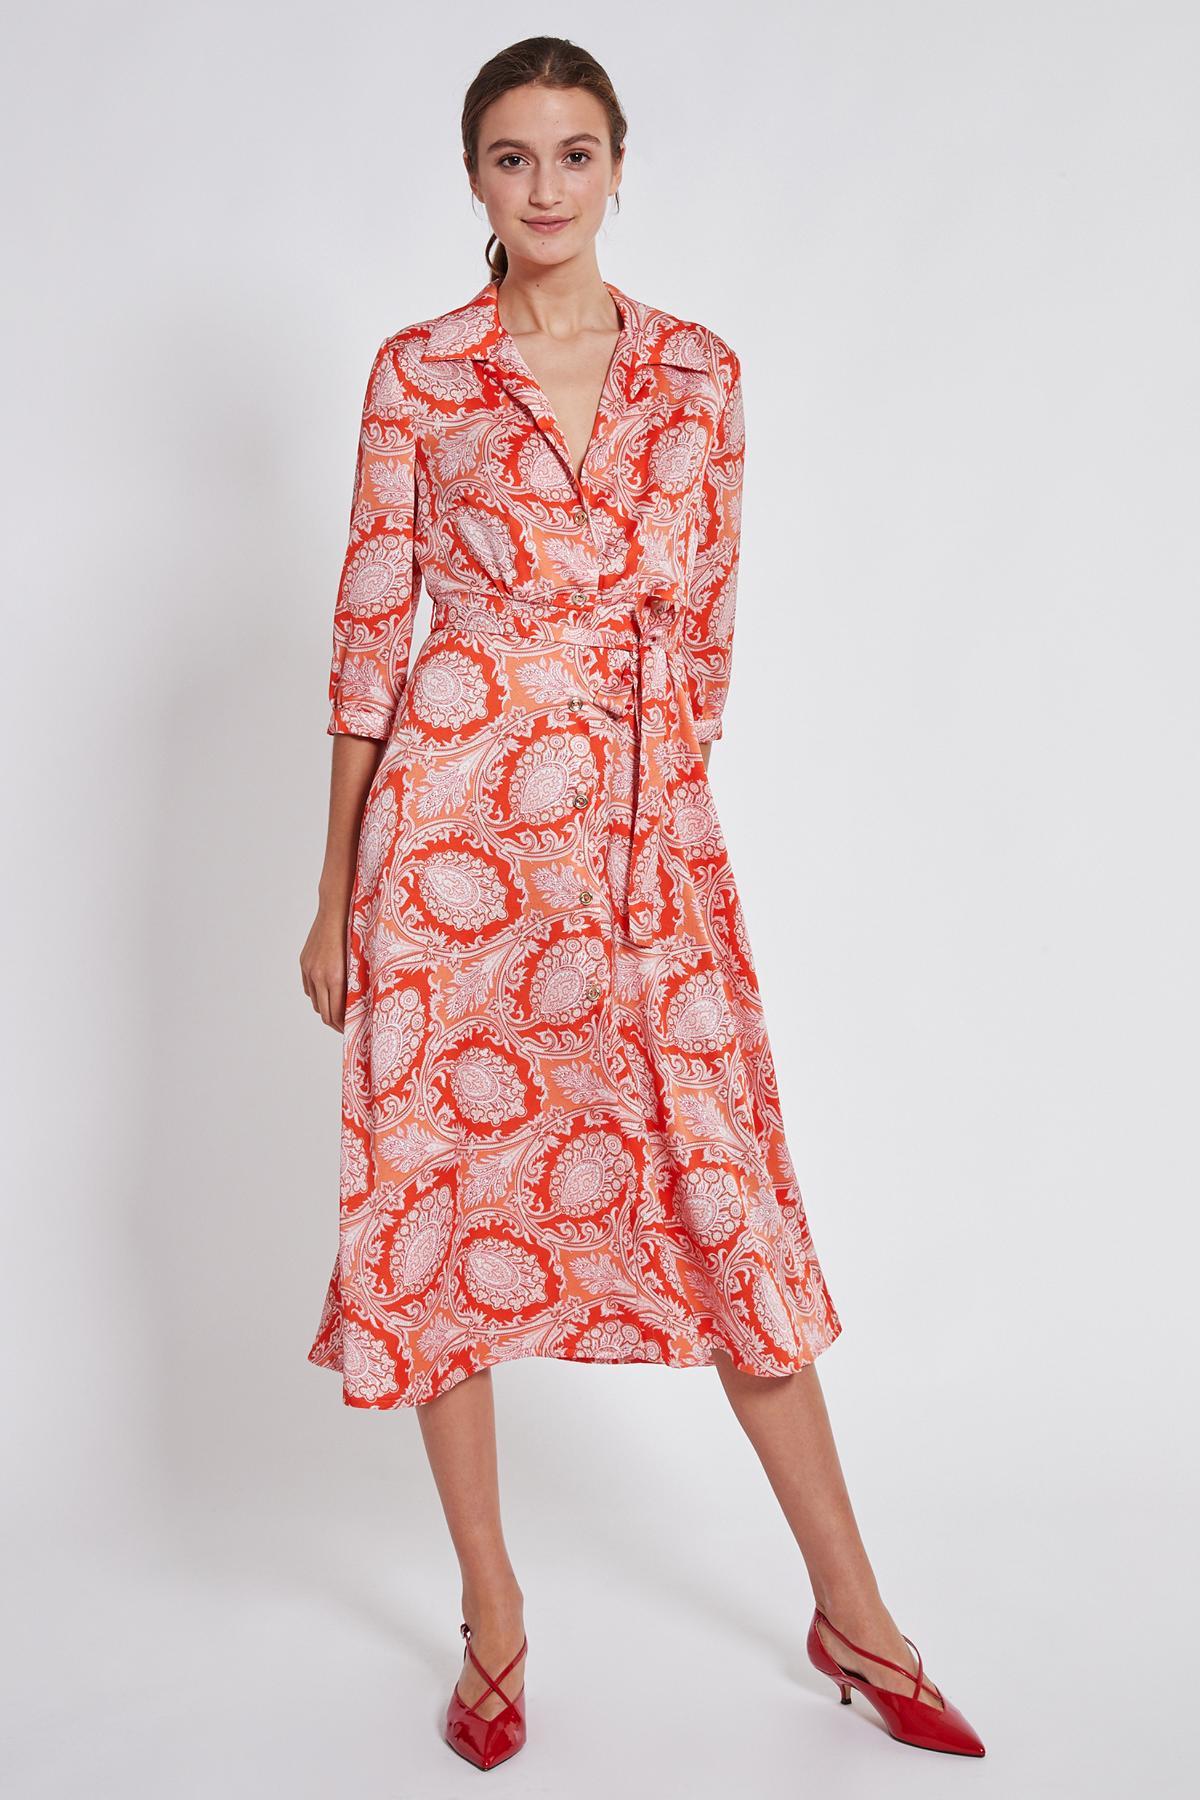 Vorderansicht von Ana Alcazar Midi Kleid Tefrole Rot  angezogen an Model